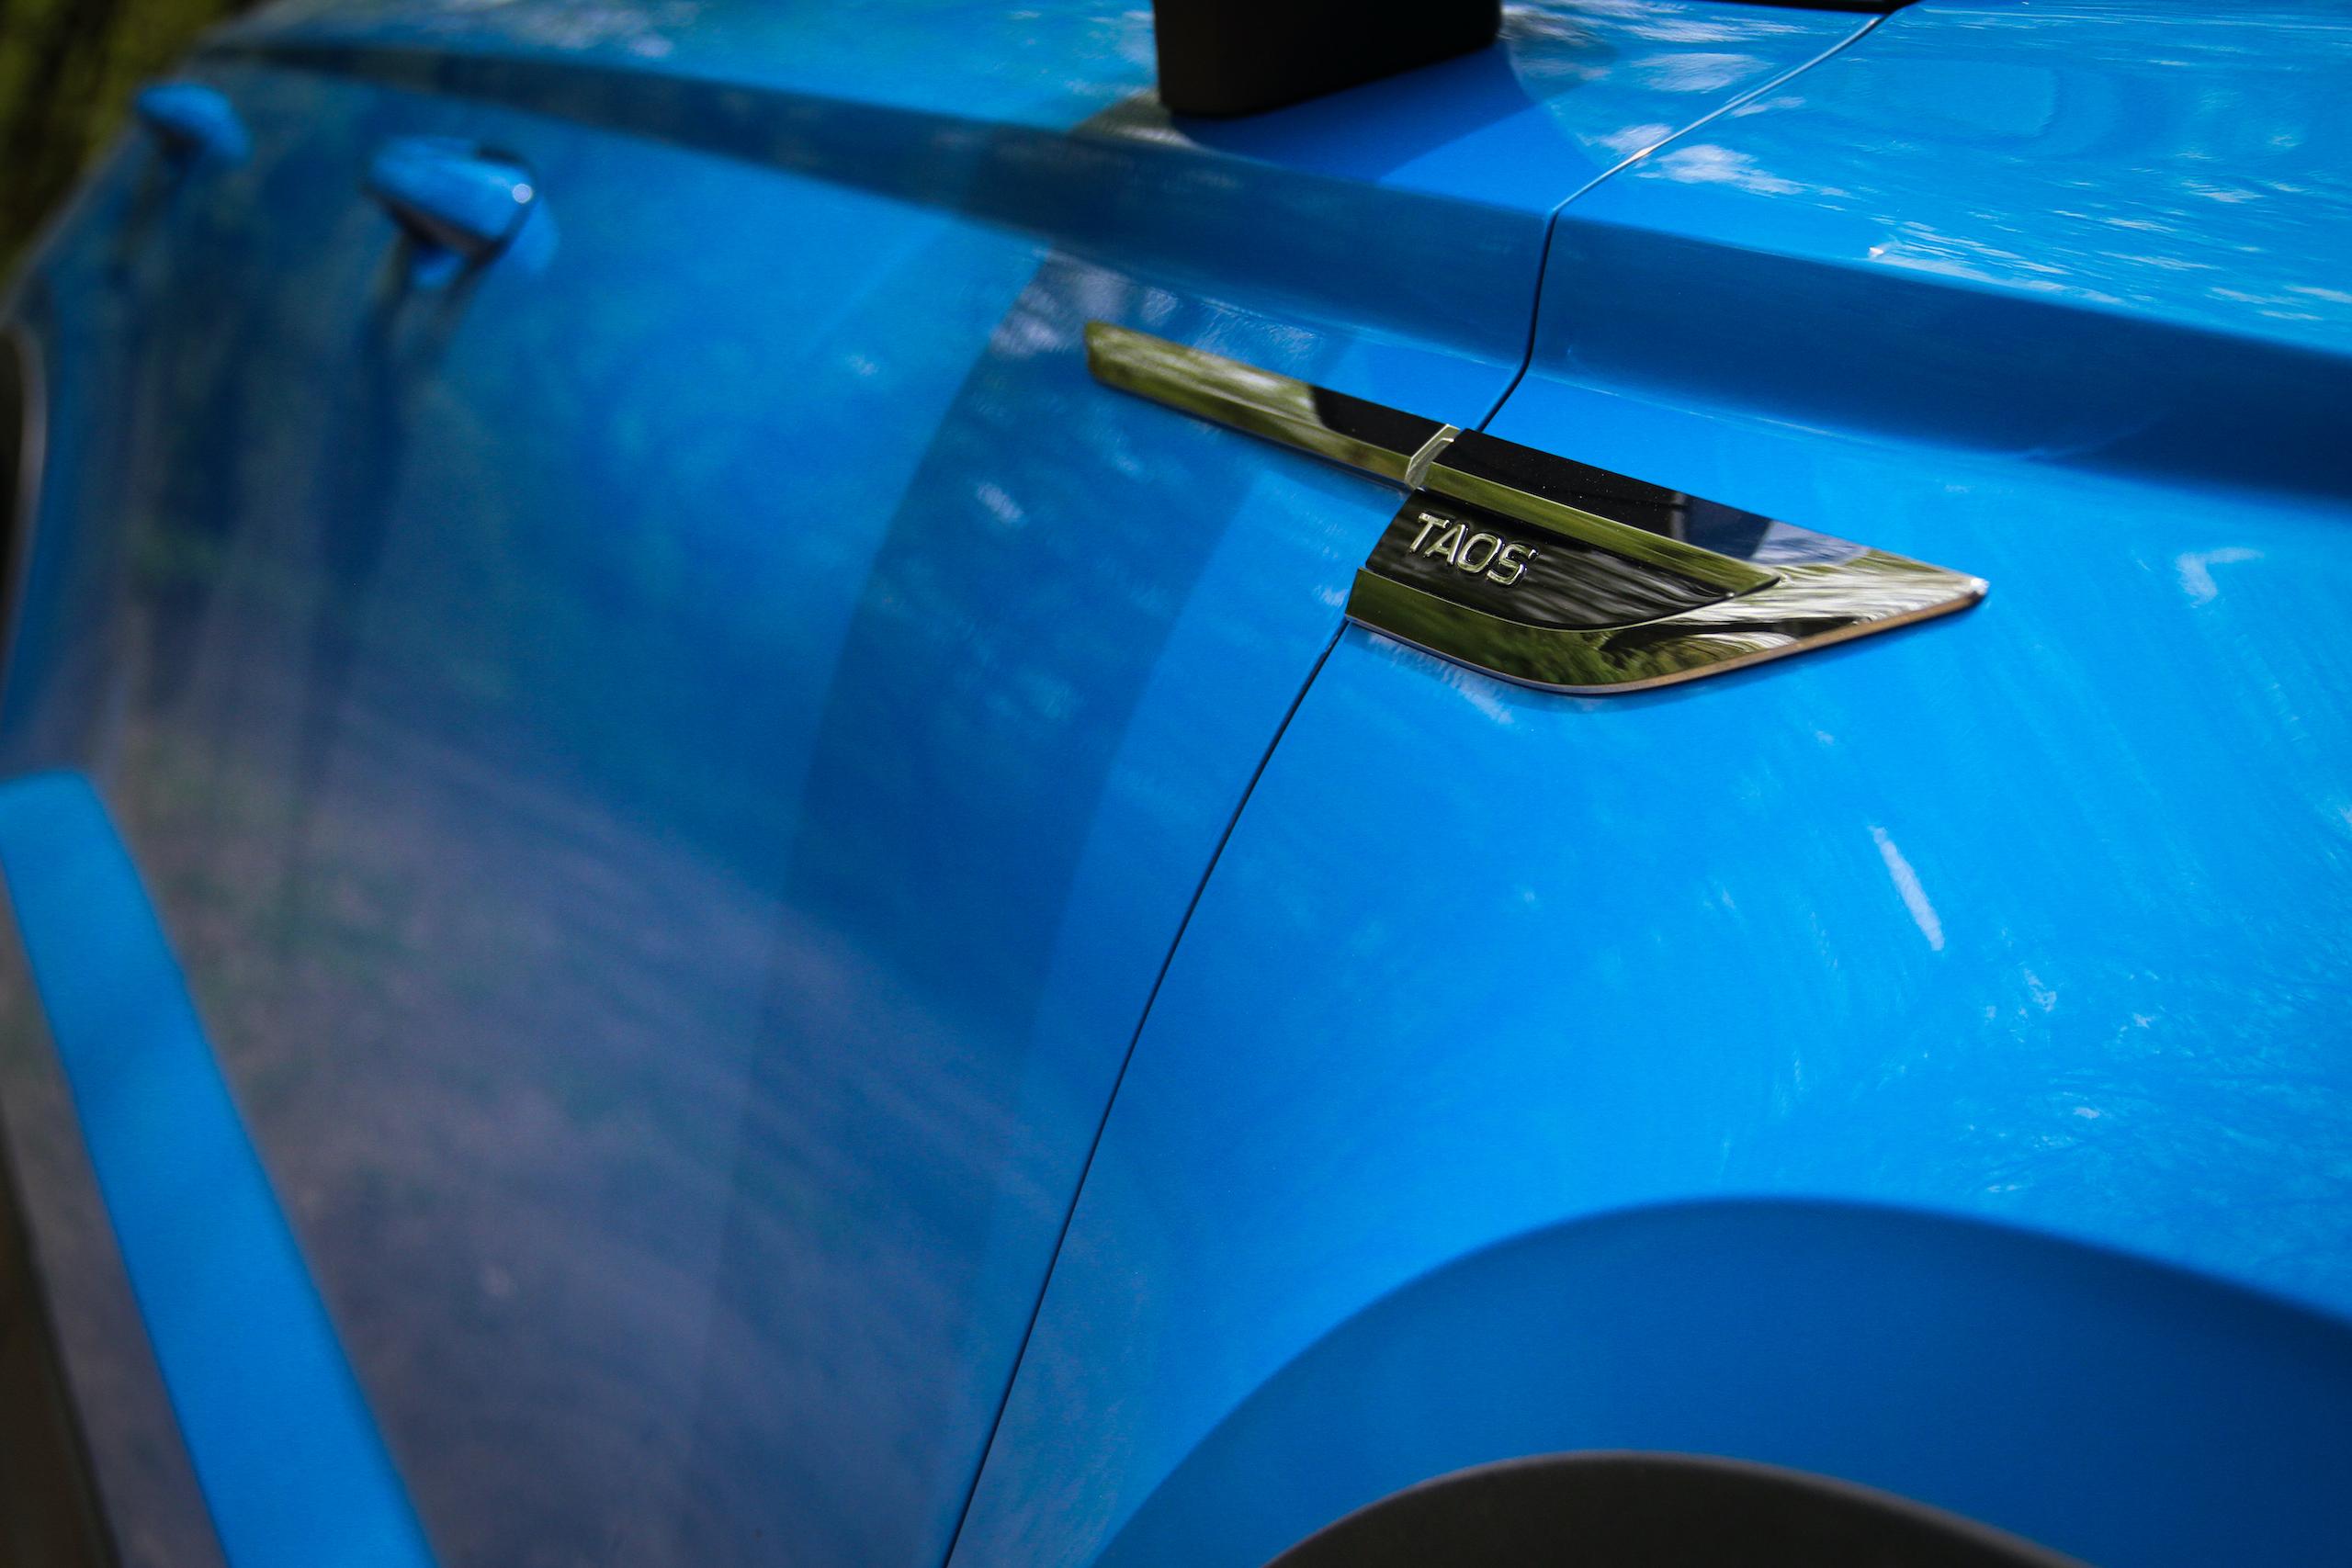 2022 Volkswagen Taos SEL taos quarter panel badge